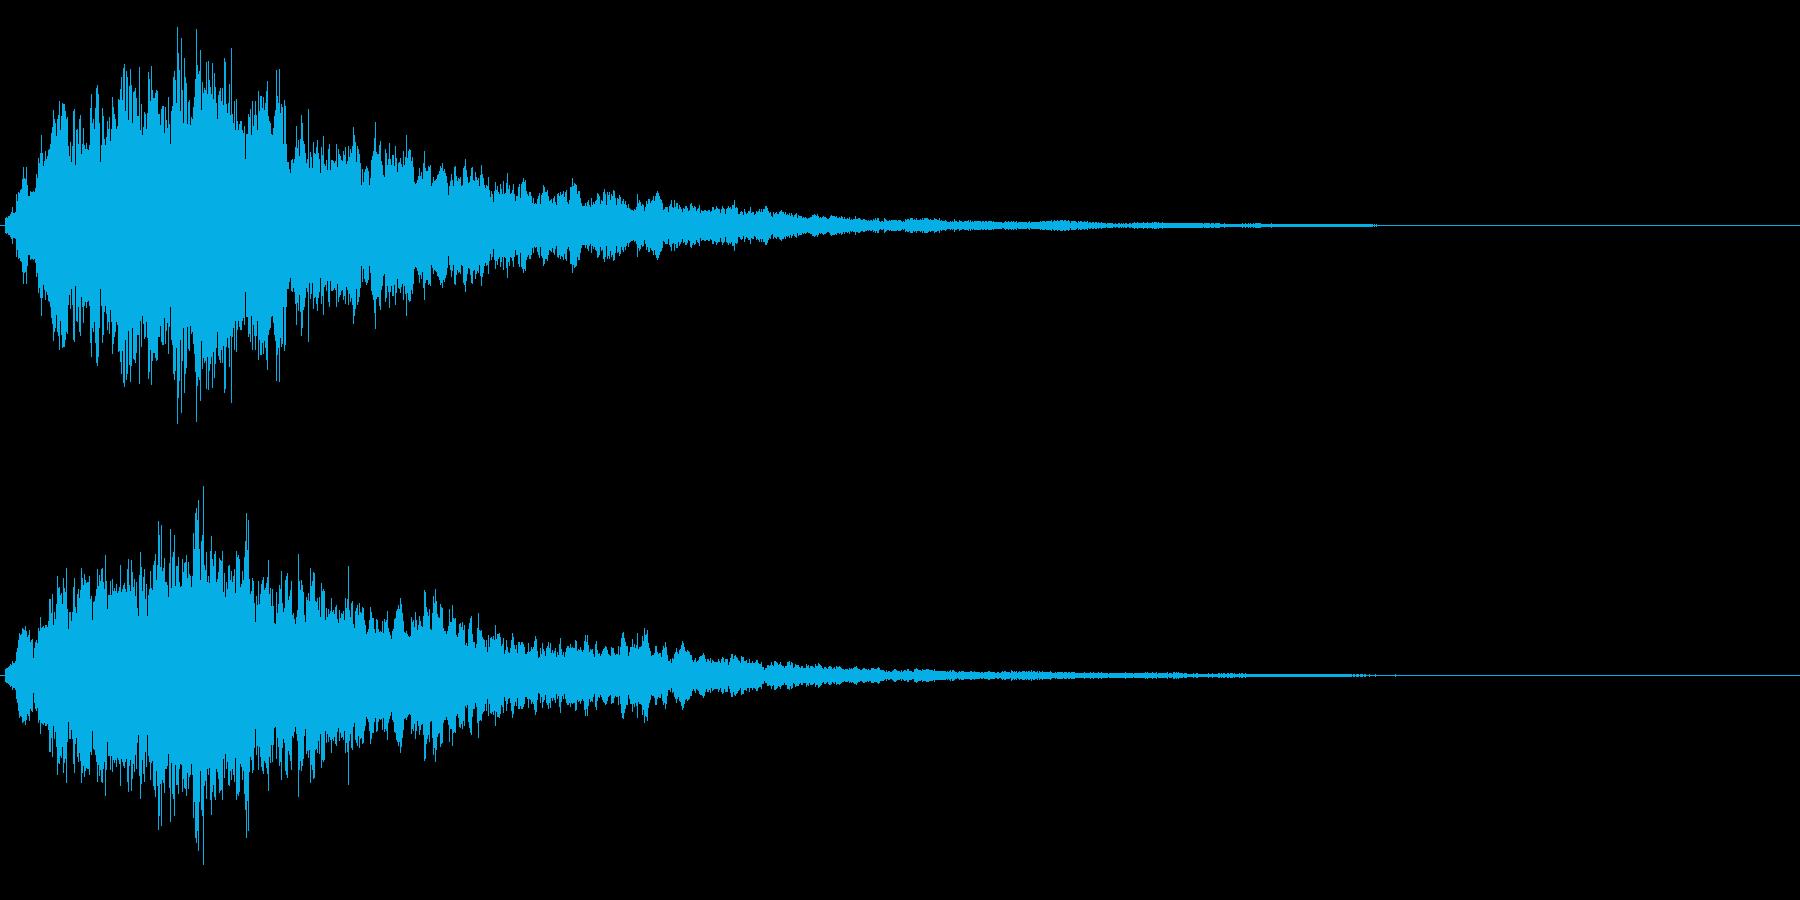 キラキラ輝く テロップ音 ボタン音01の再生済みの波形